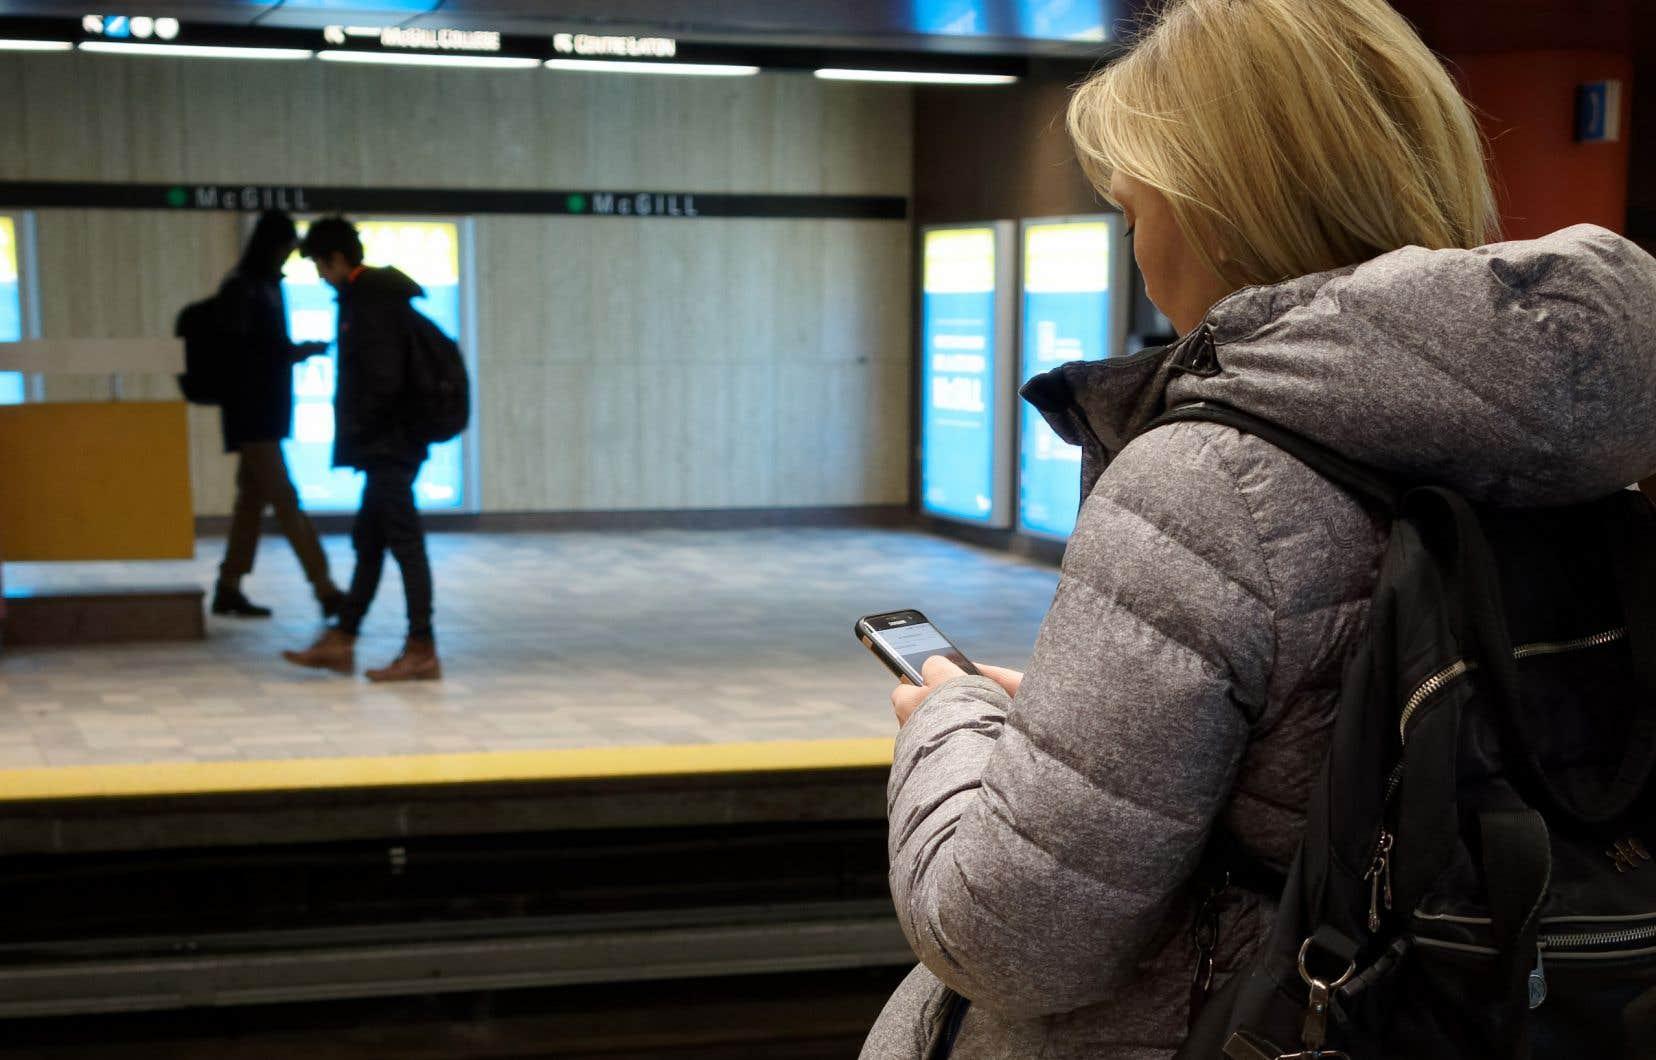 «Grâce à sa capacité prédictive, l'application permet d'avertir les utilisateurs potentiellement infectés avant même qu'ils développent des symptômes de la maladie, au moment où ils sont justement les plus contagieux sans le savoir», soulignent les auteurs.